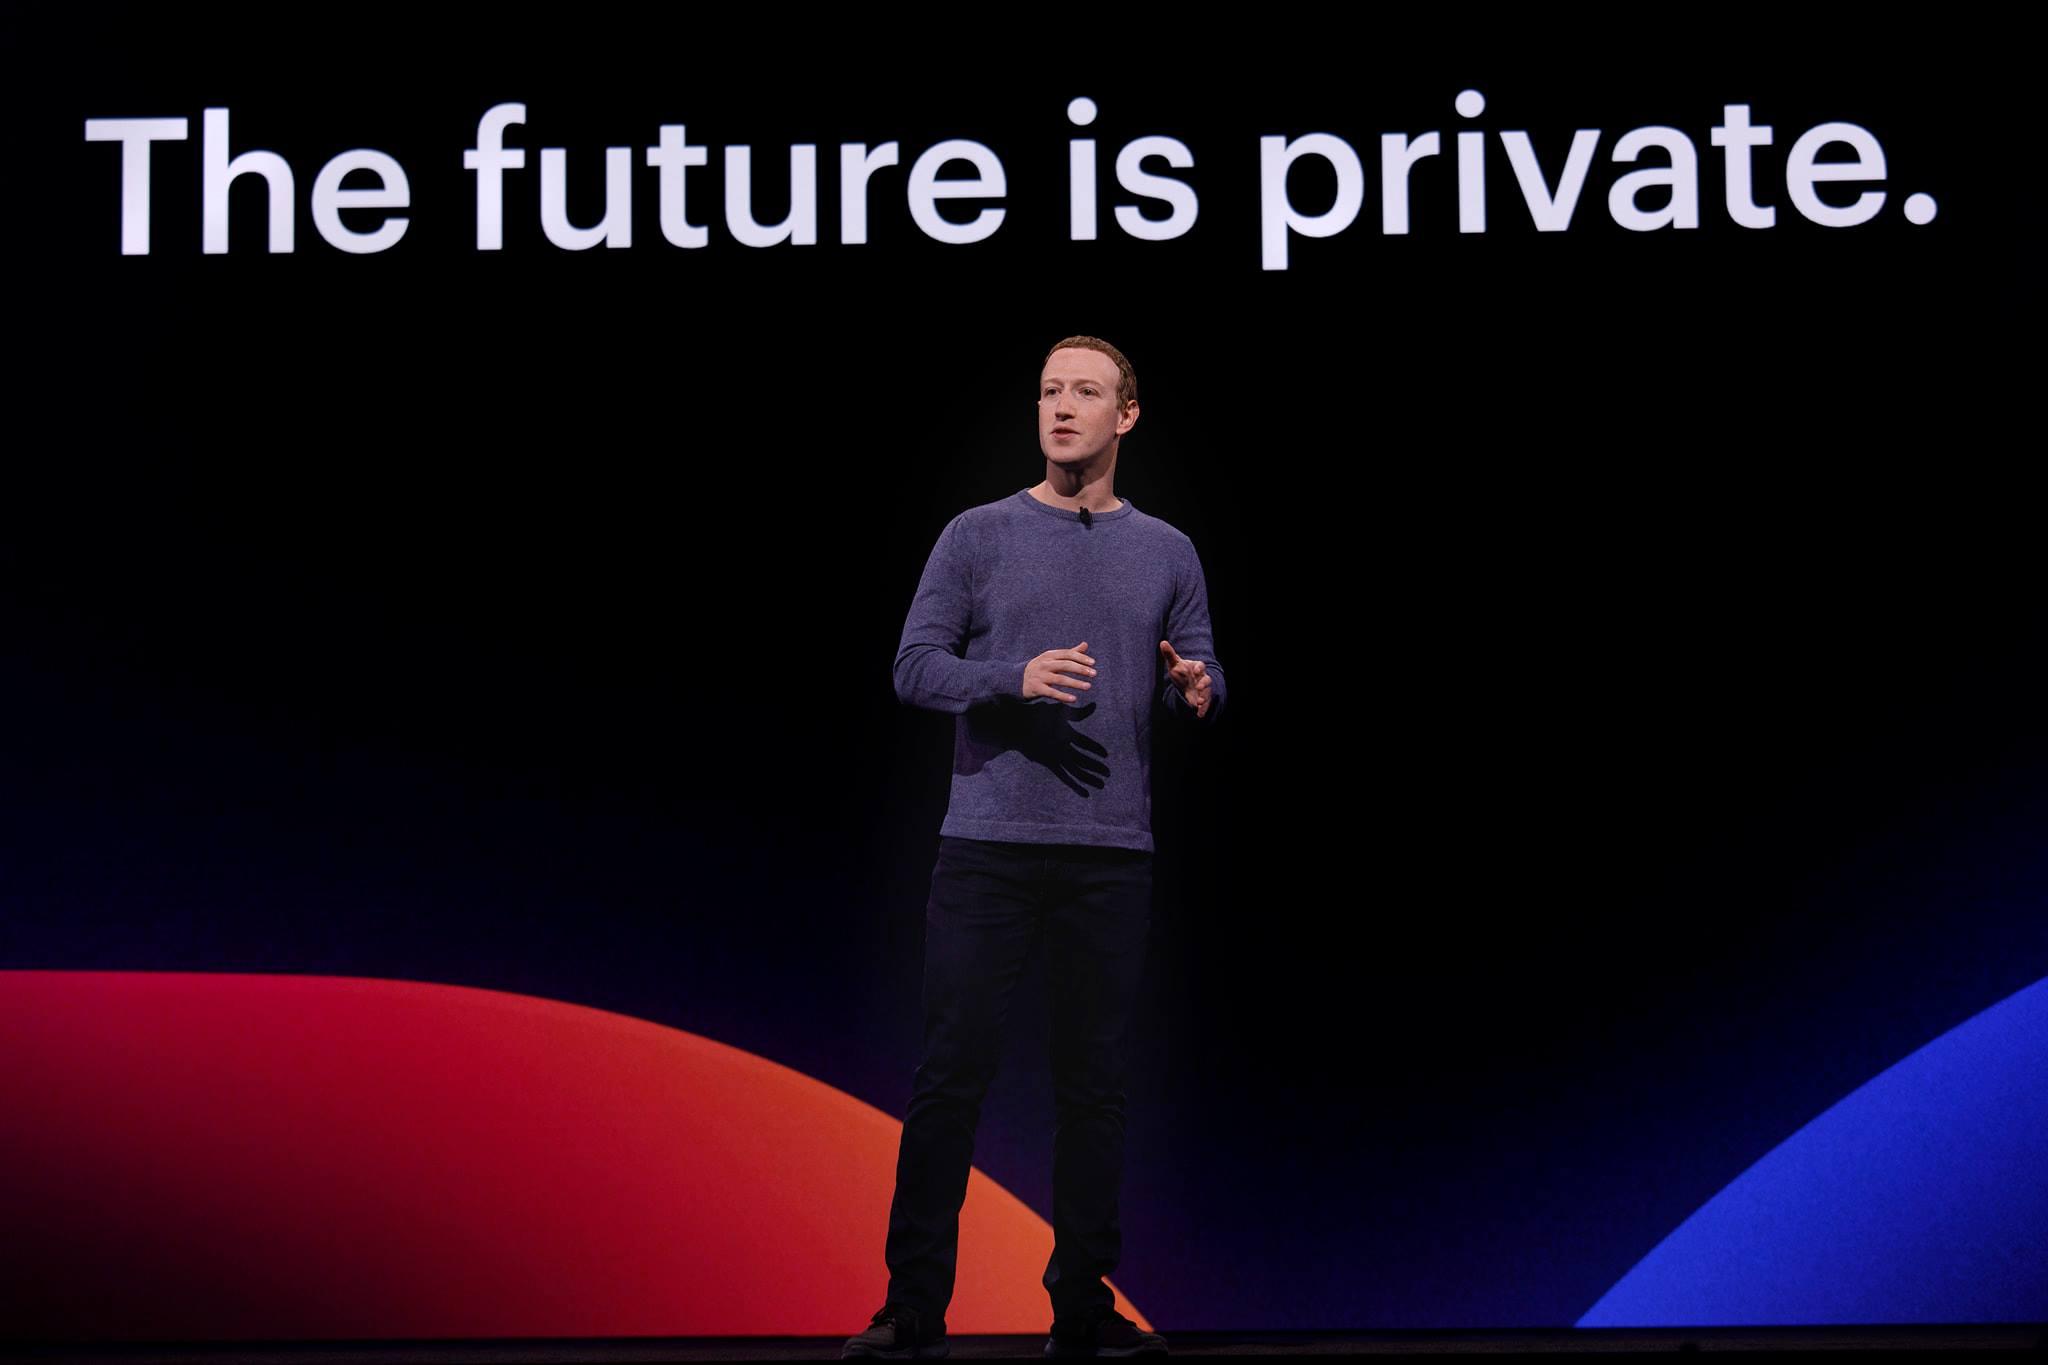 """""""El futuro es privado"""", reza una leyenda detrás de Mark Zuckerberg en la última presentación de nuevos productos de Facebook, hace unos días. Foto: Facebook"""